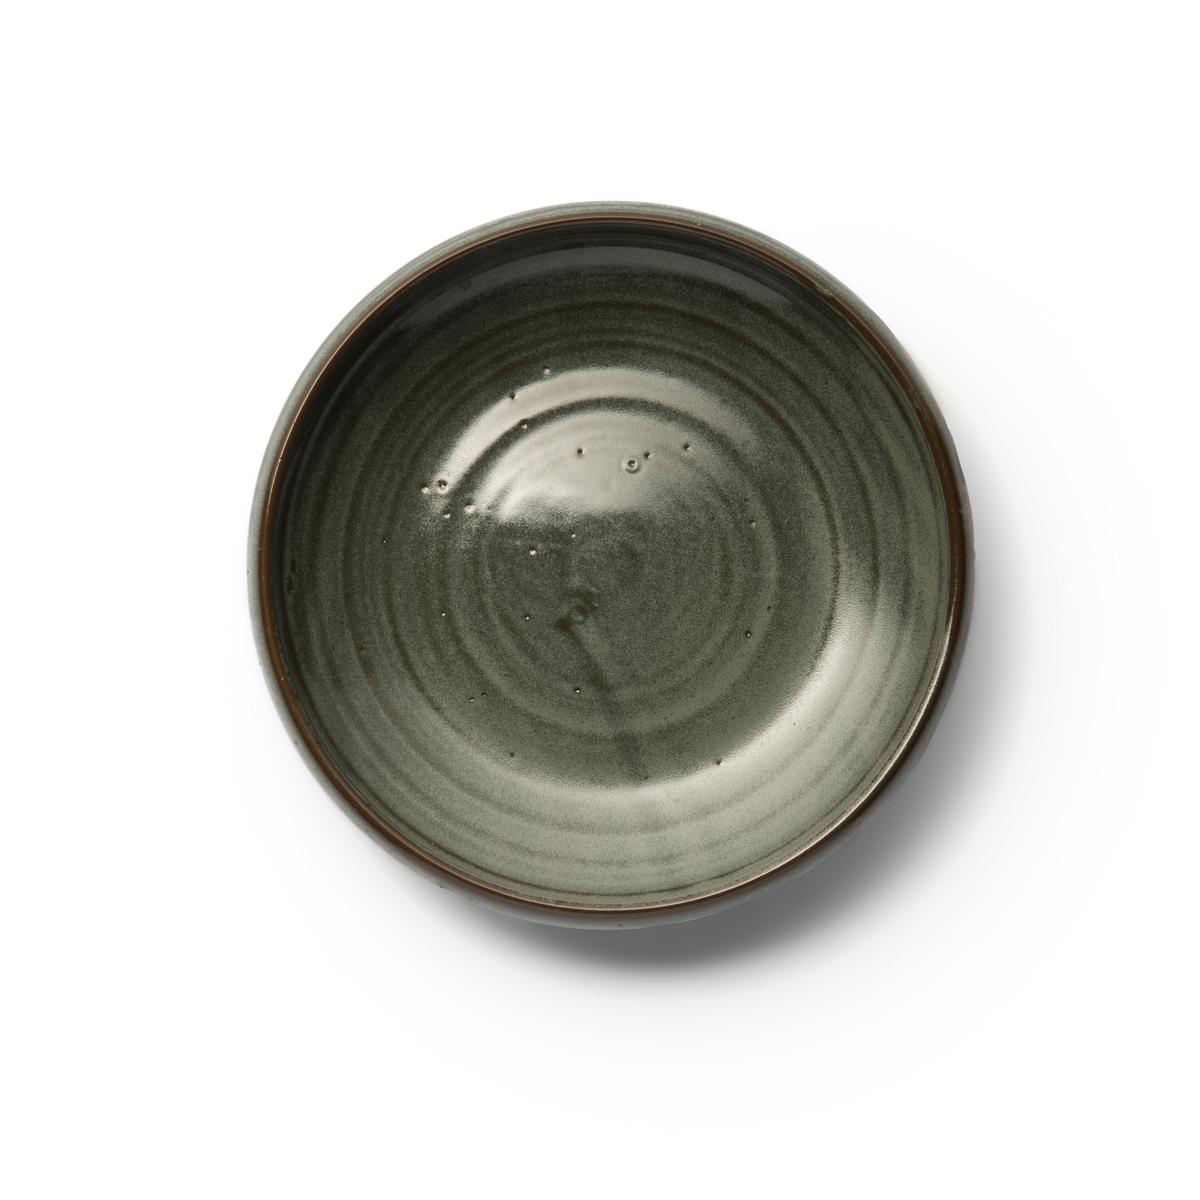 Глубокие La Redoute Тарелки из глазурованной керамики Akira единый размер зеленый плоские la redoute тарелки из эмалированной керамики attale единый размер каштановый